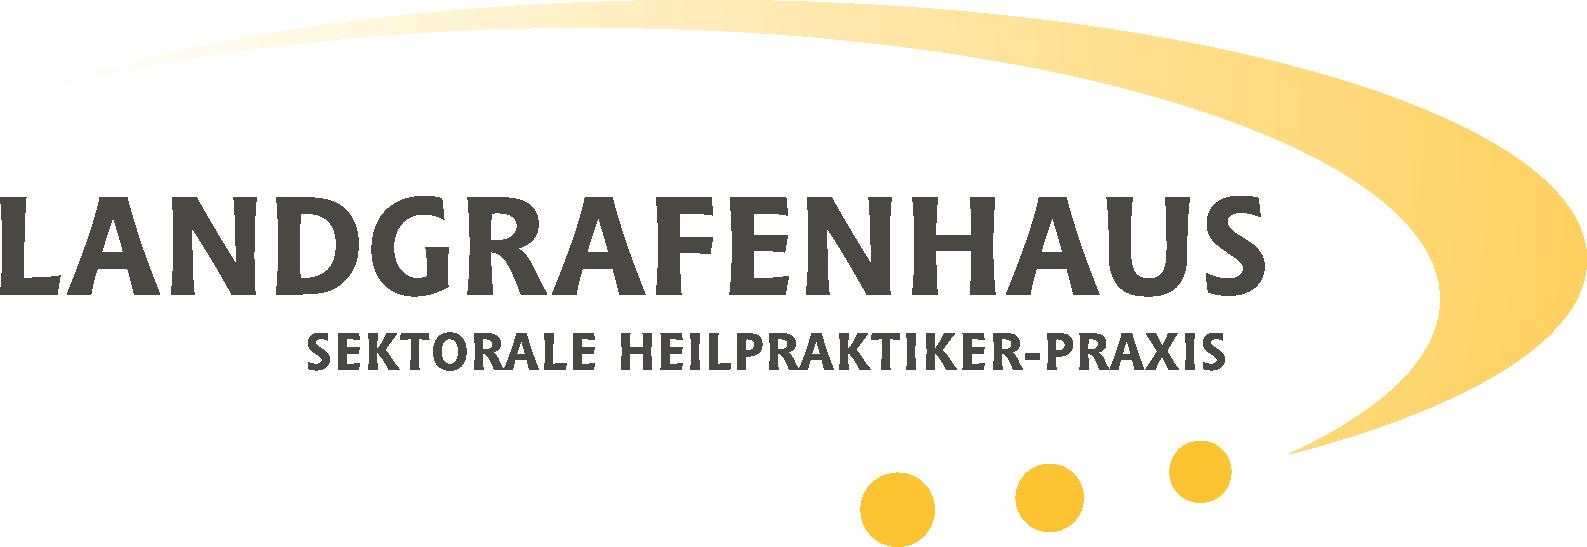 Heilpraktiker-Praxis im Landgrafenhaus